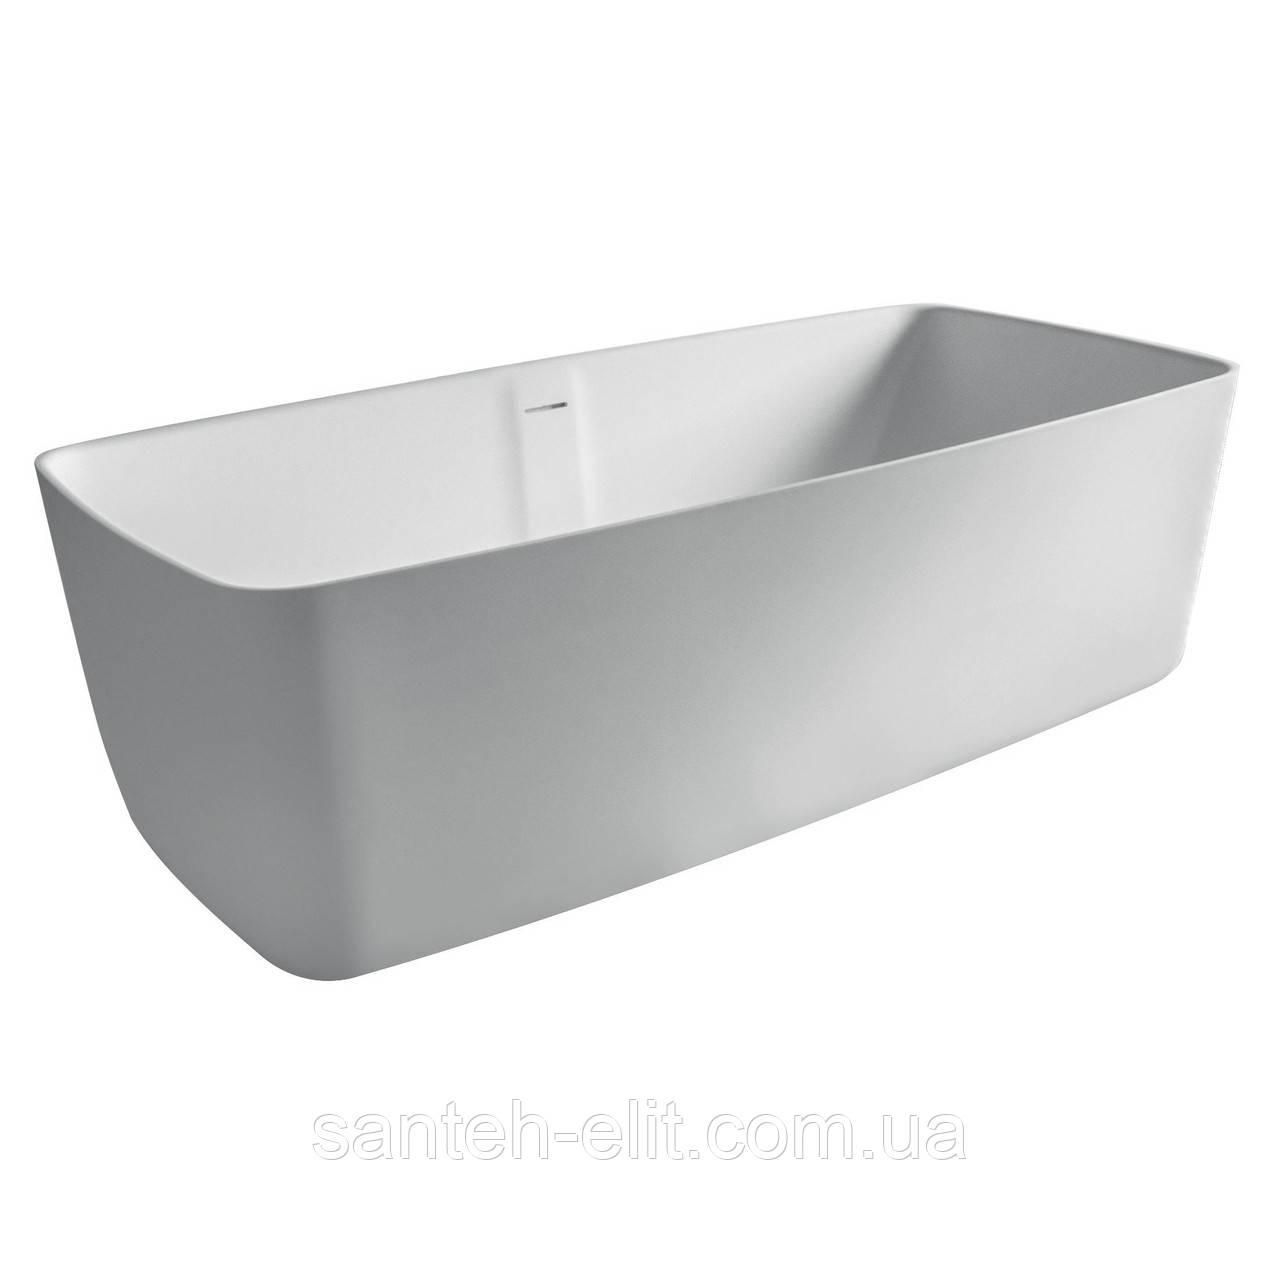 Ванна 168*80*53см отдельностоящая каменная Solid surface